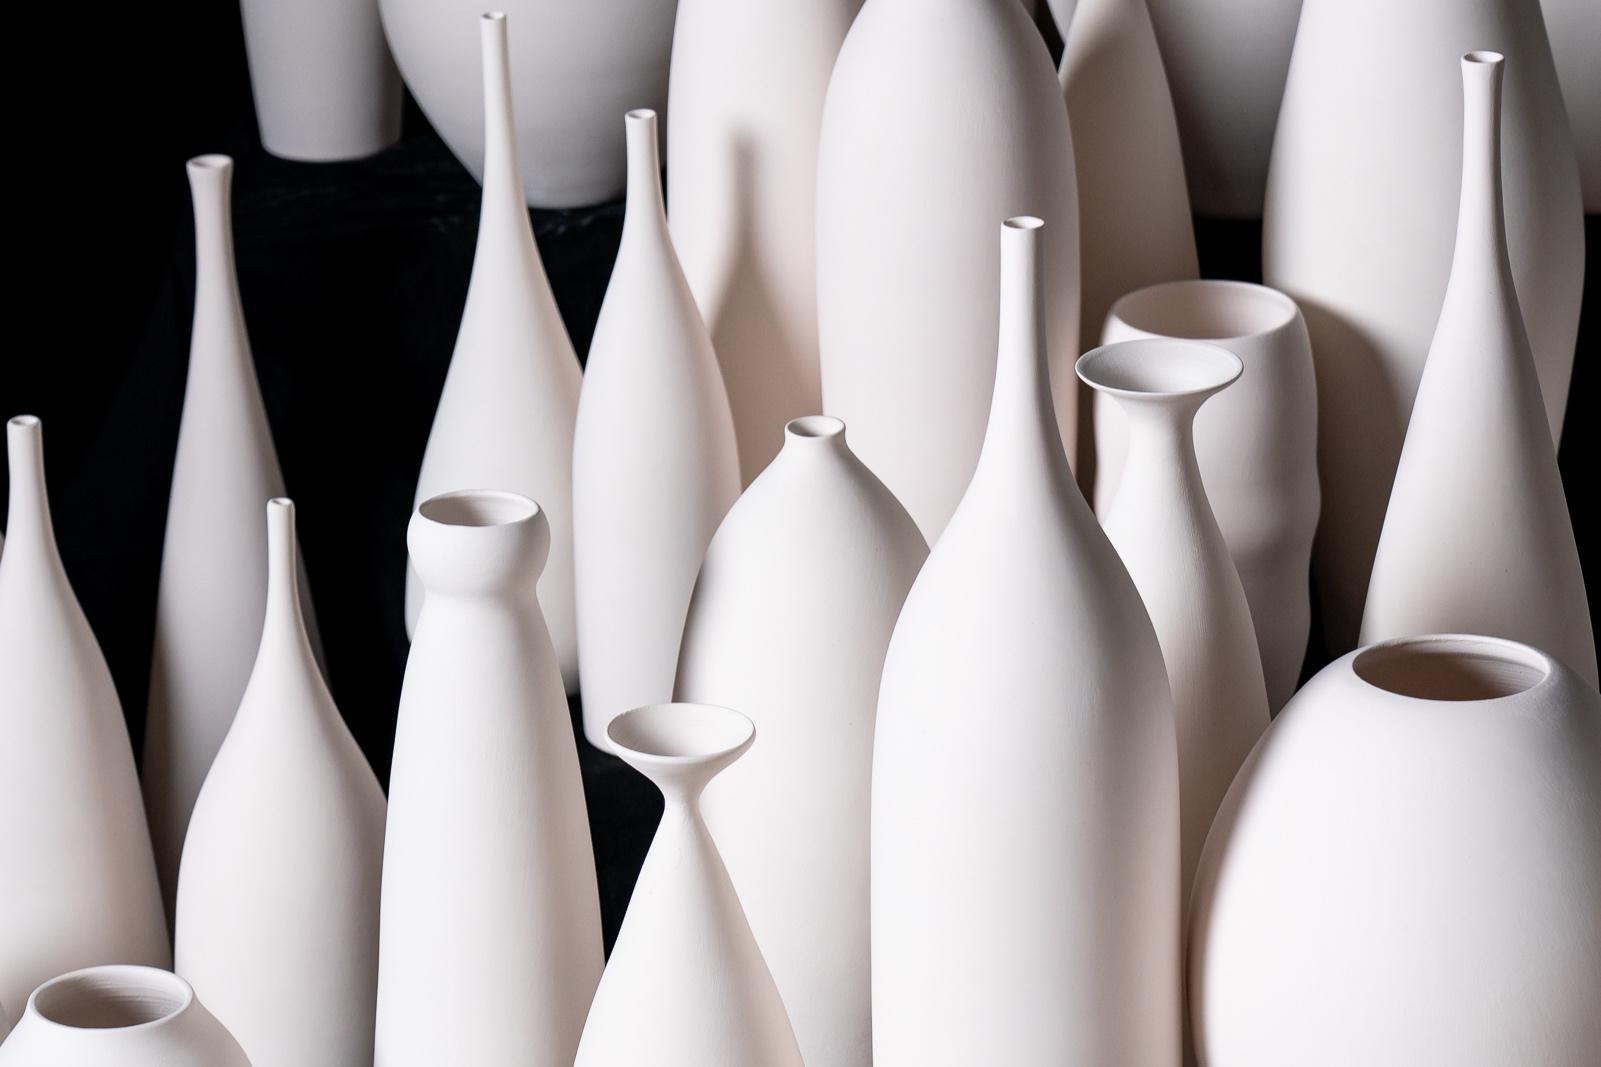 Study+of+88+Vases+7.jpg